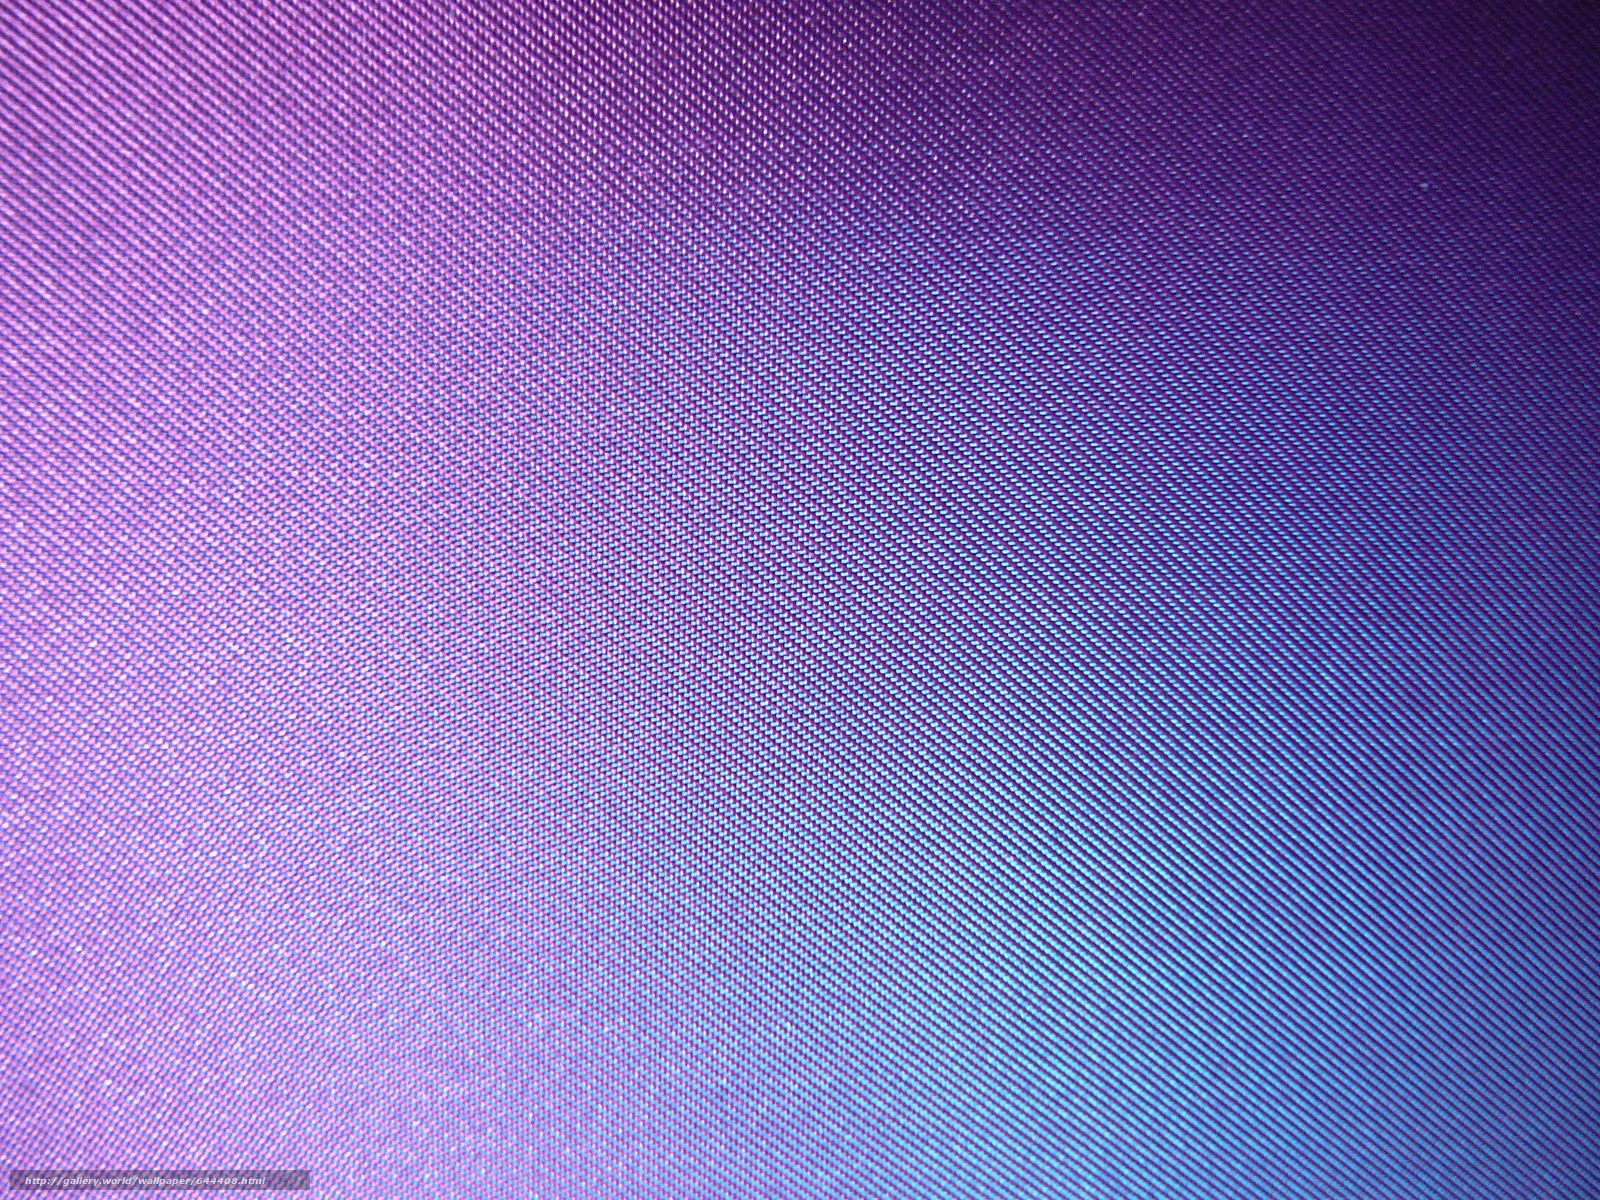 Скачать обои текстура,  текстуры,  дизайн,  фон бесплатно для рабочего стола в разрешении 2560x1920 — картинка №644408